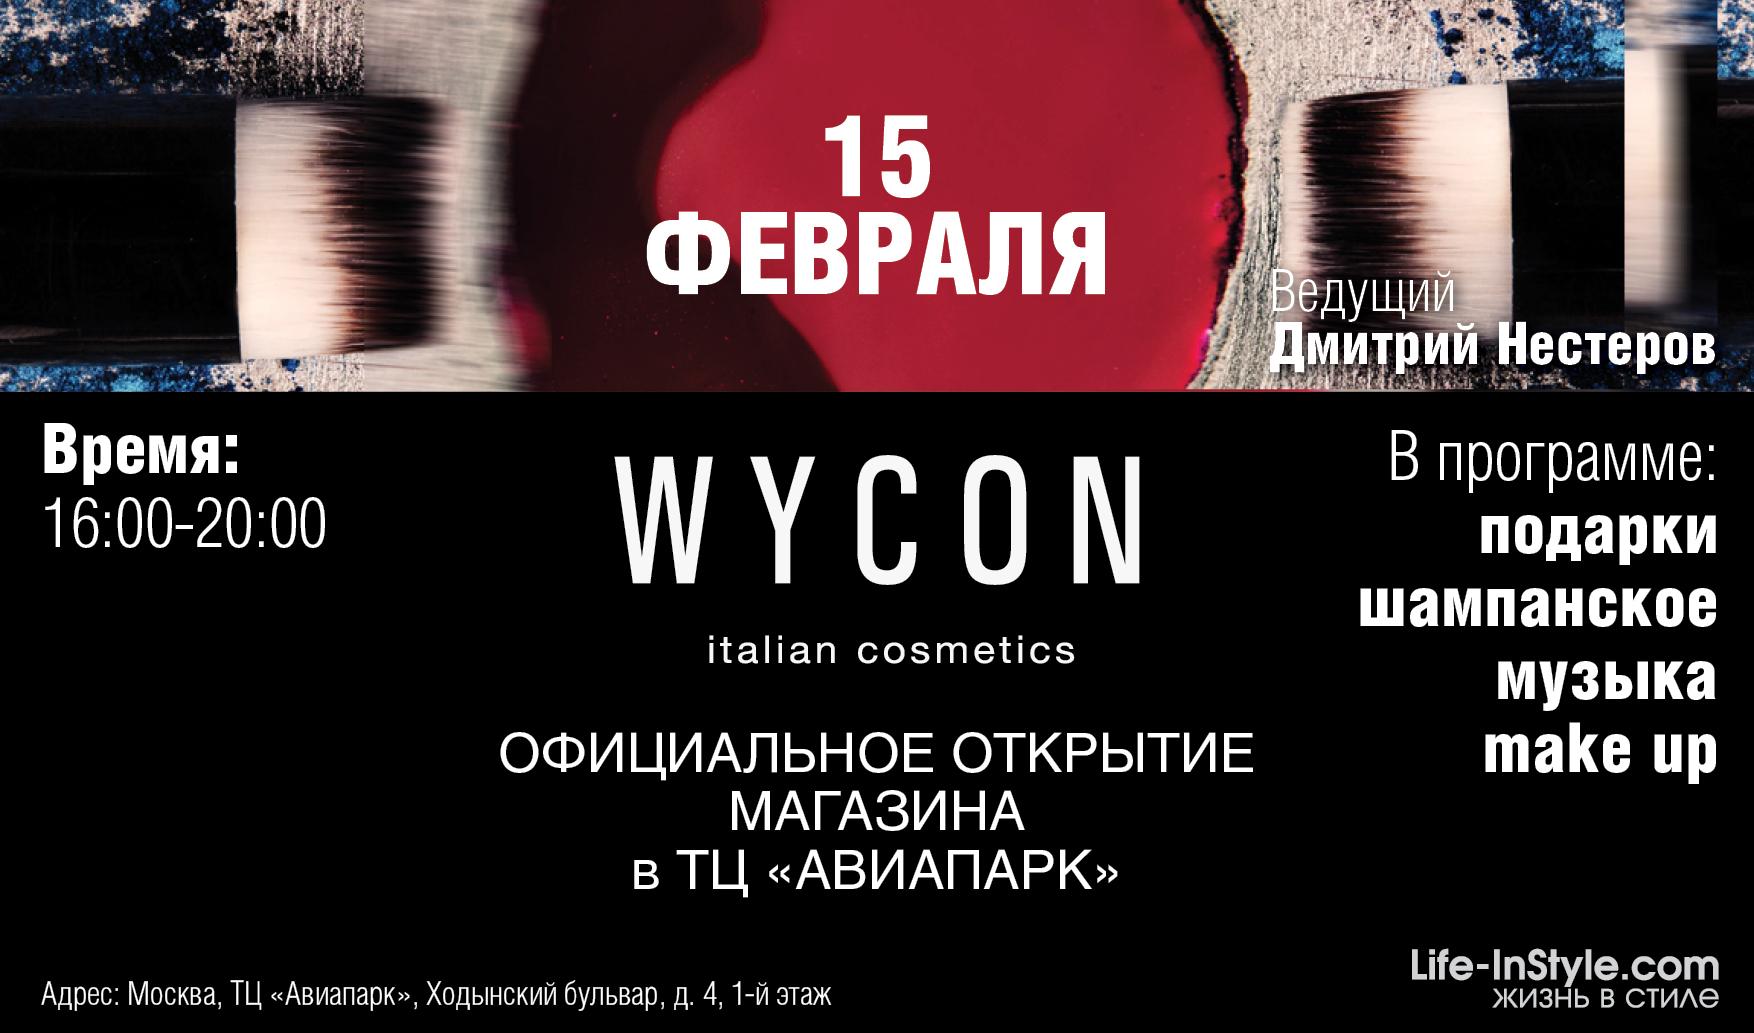 Официальное открытие магазина итальянской косметики Wycon Italian Cosmetics